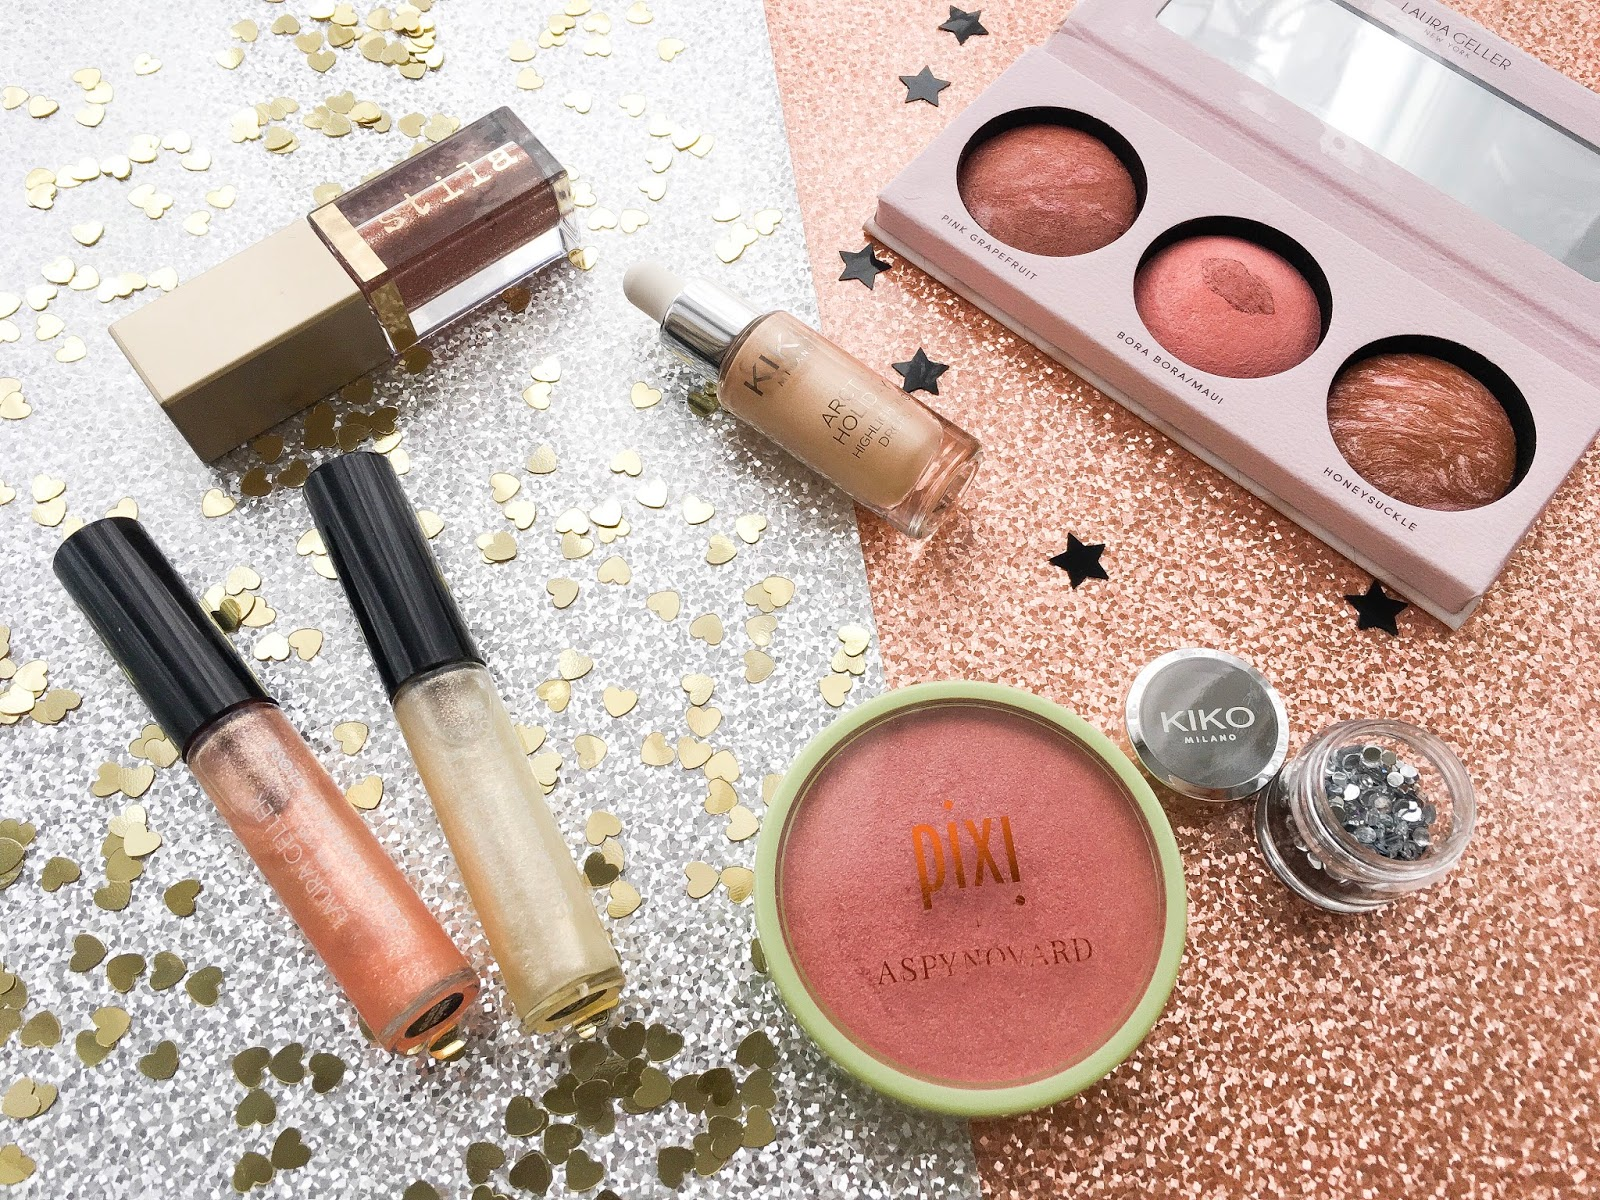 glitter makeup, glittery makeup picks, holiday makeup, makeup menu for parties, party makeup